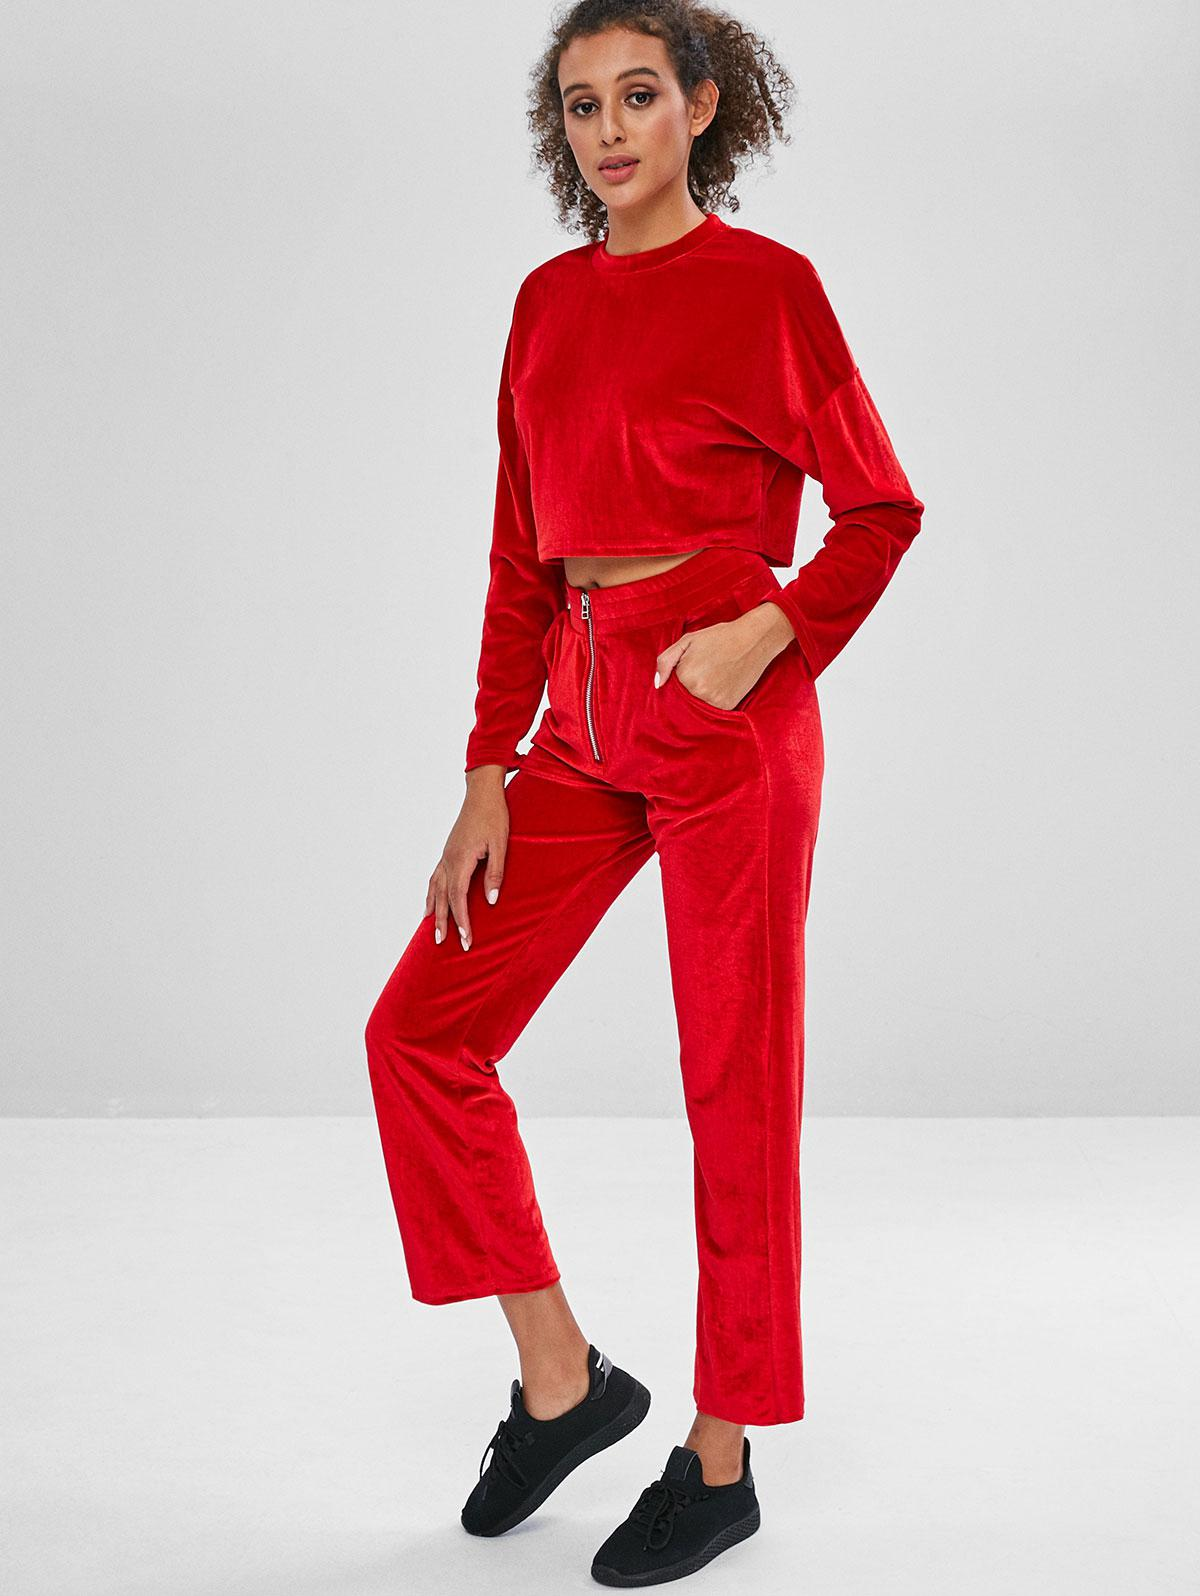 Velvet Crop Top and Wide Leg Pants Sweat Suit